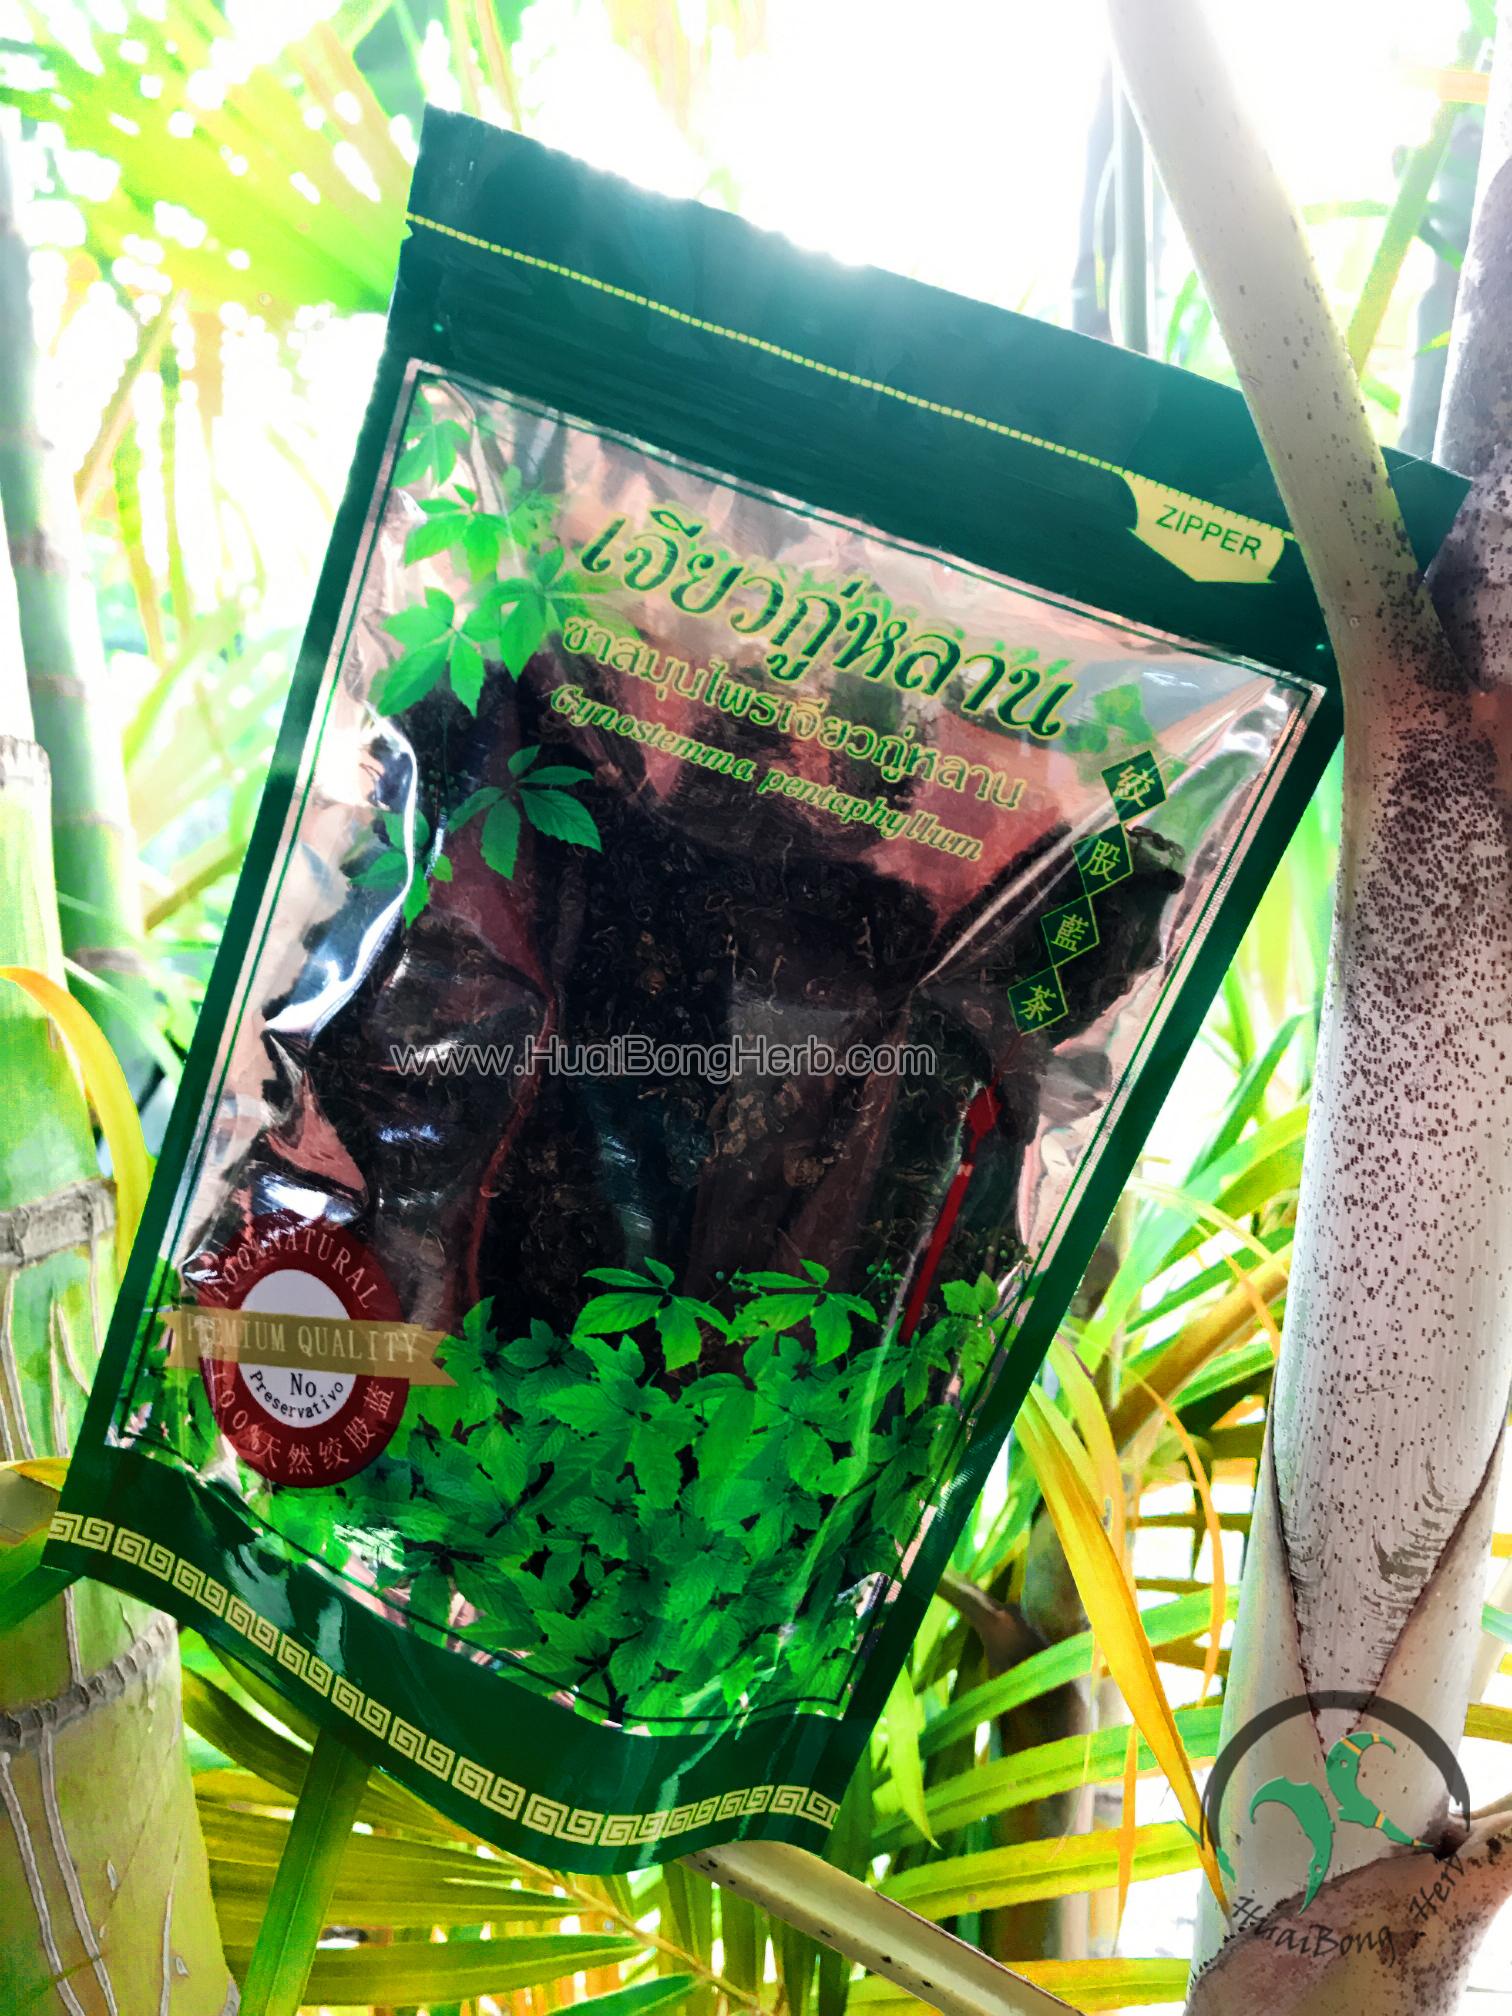 ชาเจียวกู่หลานชนิดใบชาเกรดA 100กรัม(ซื้อ1 แถม1)